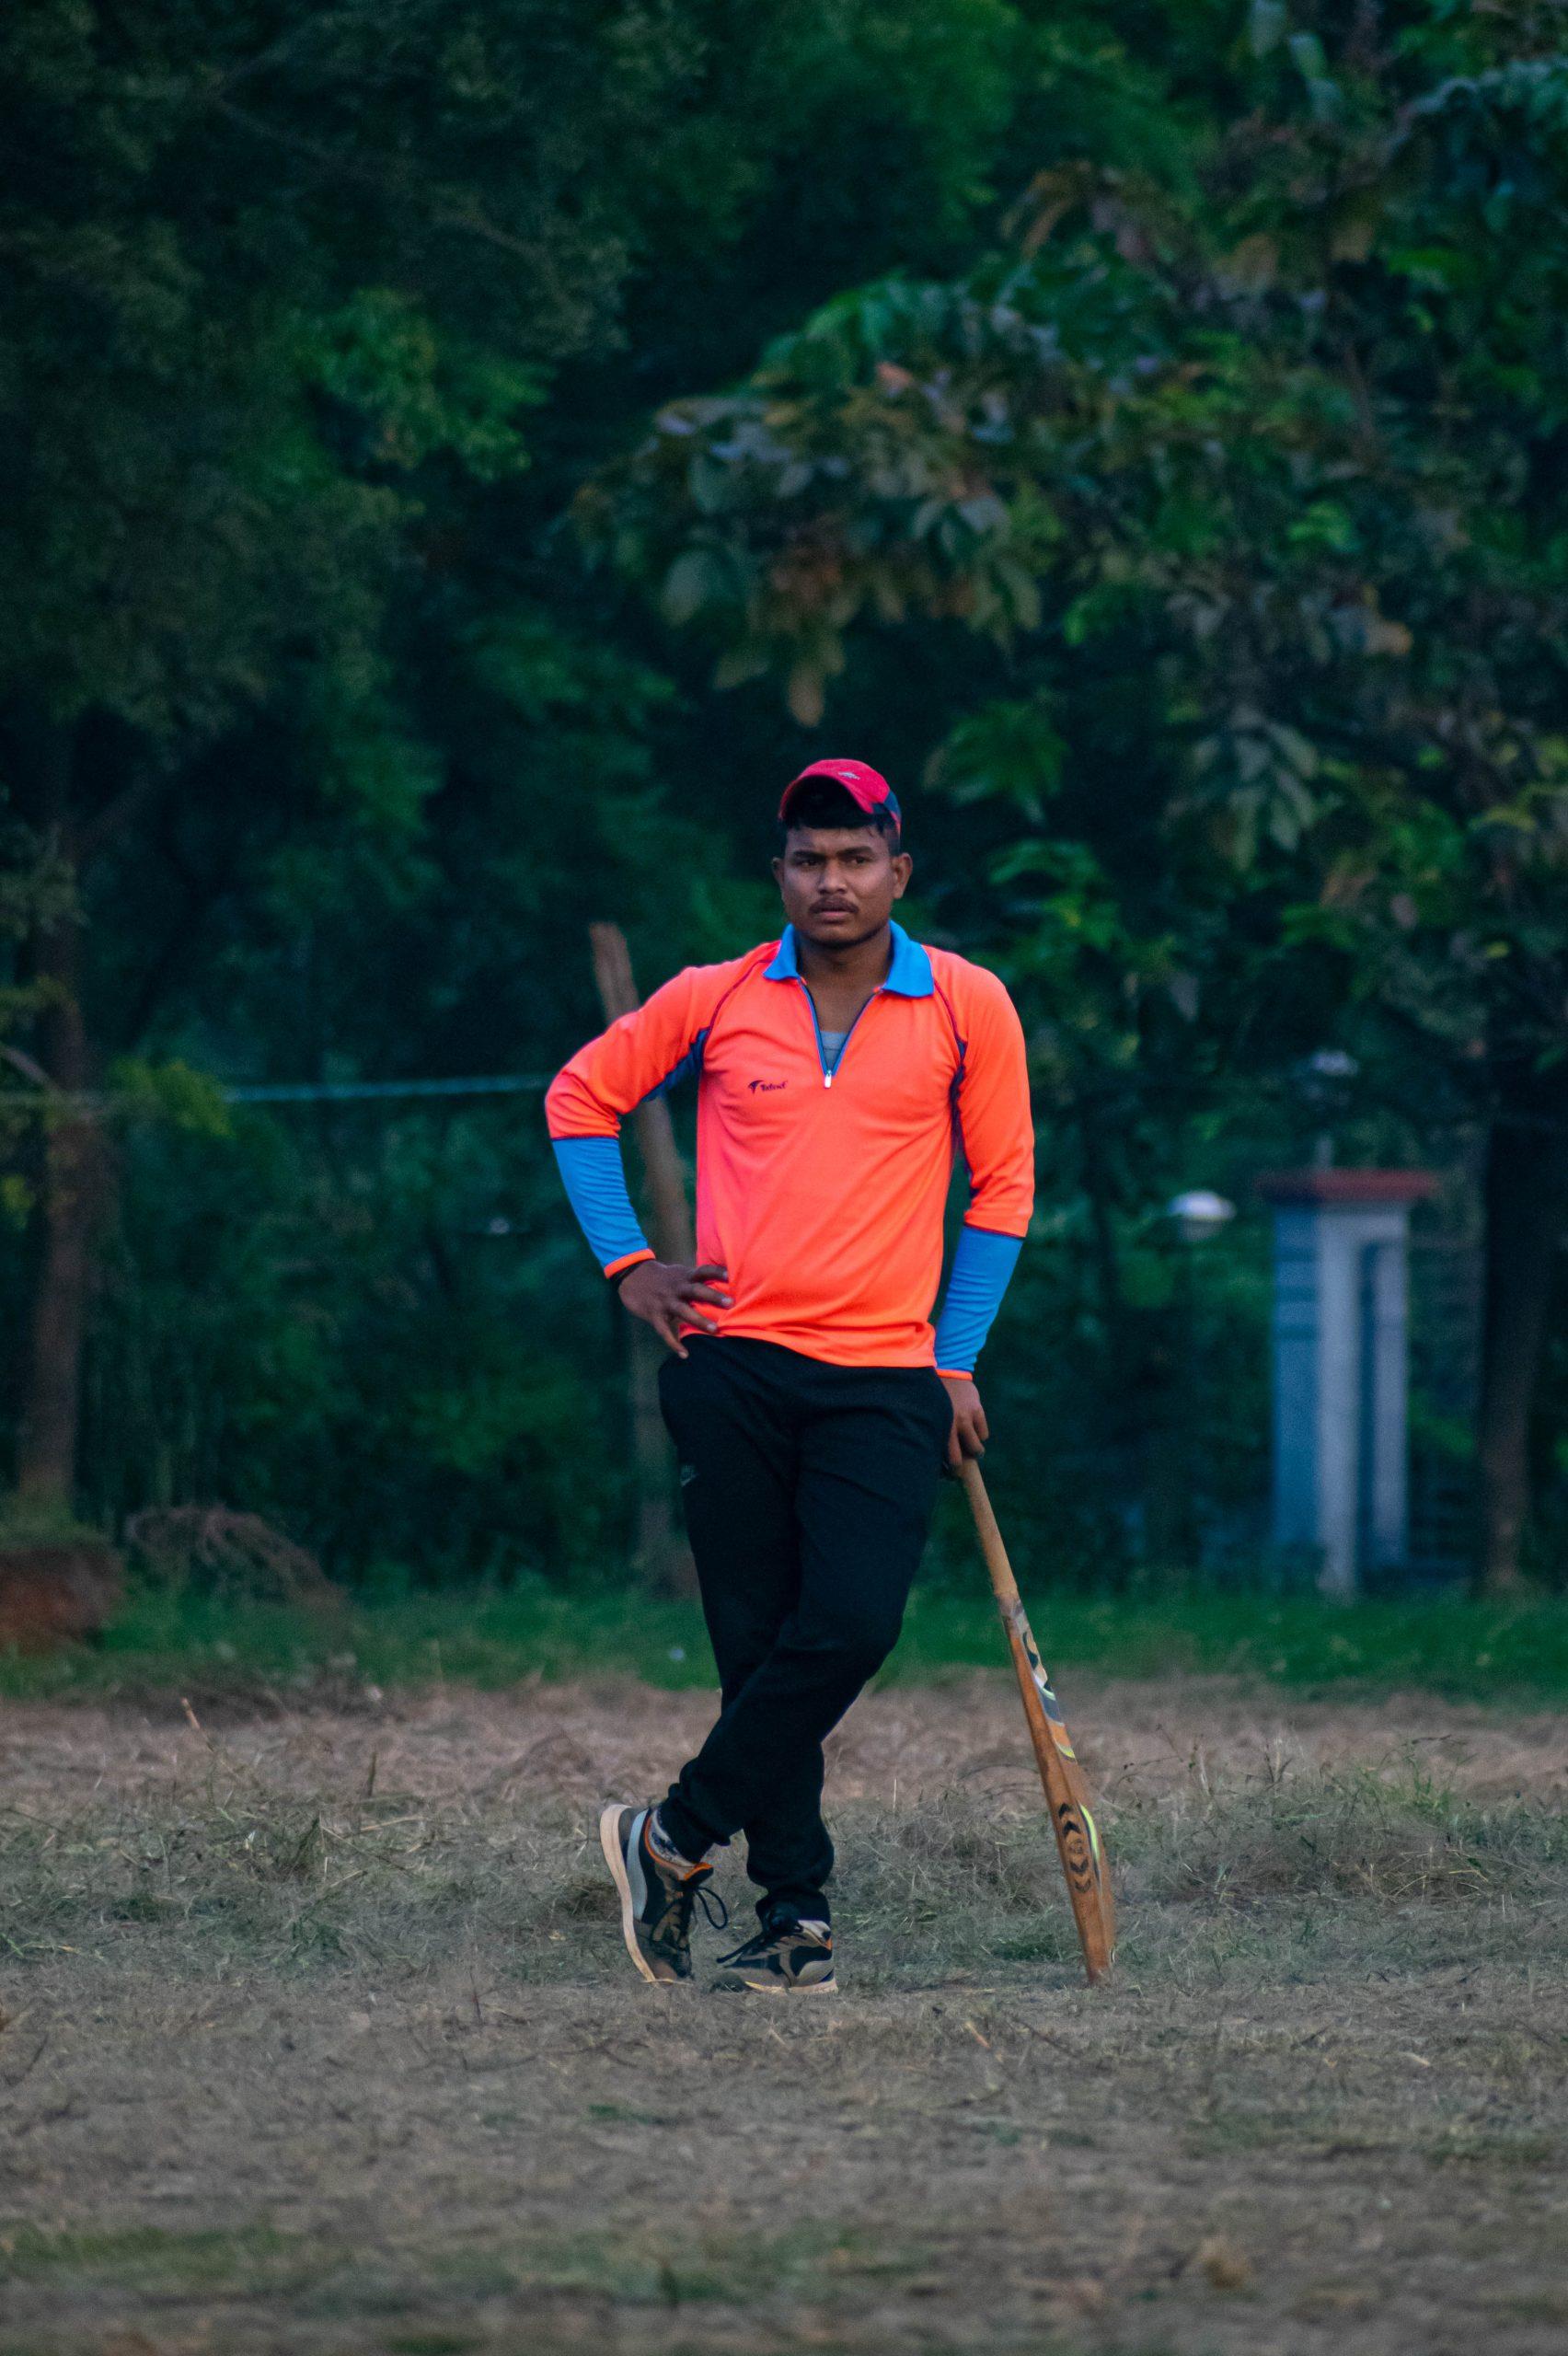 A cricket lover